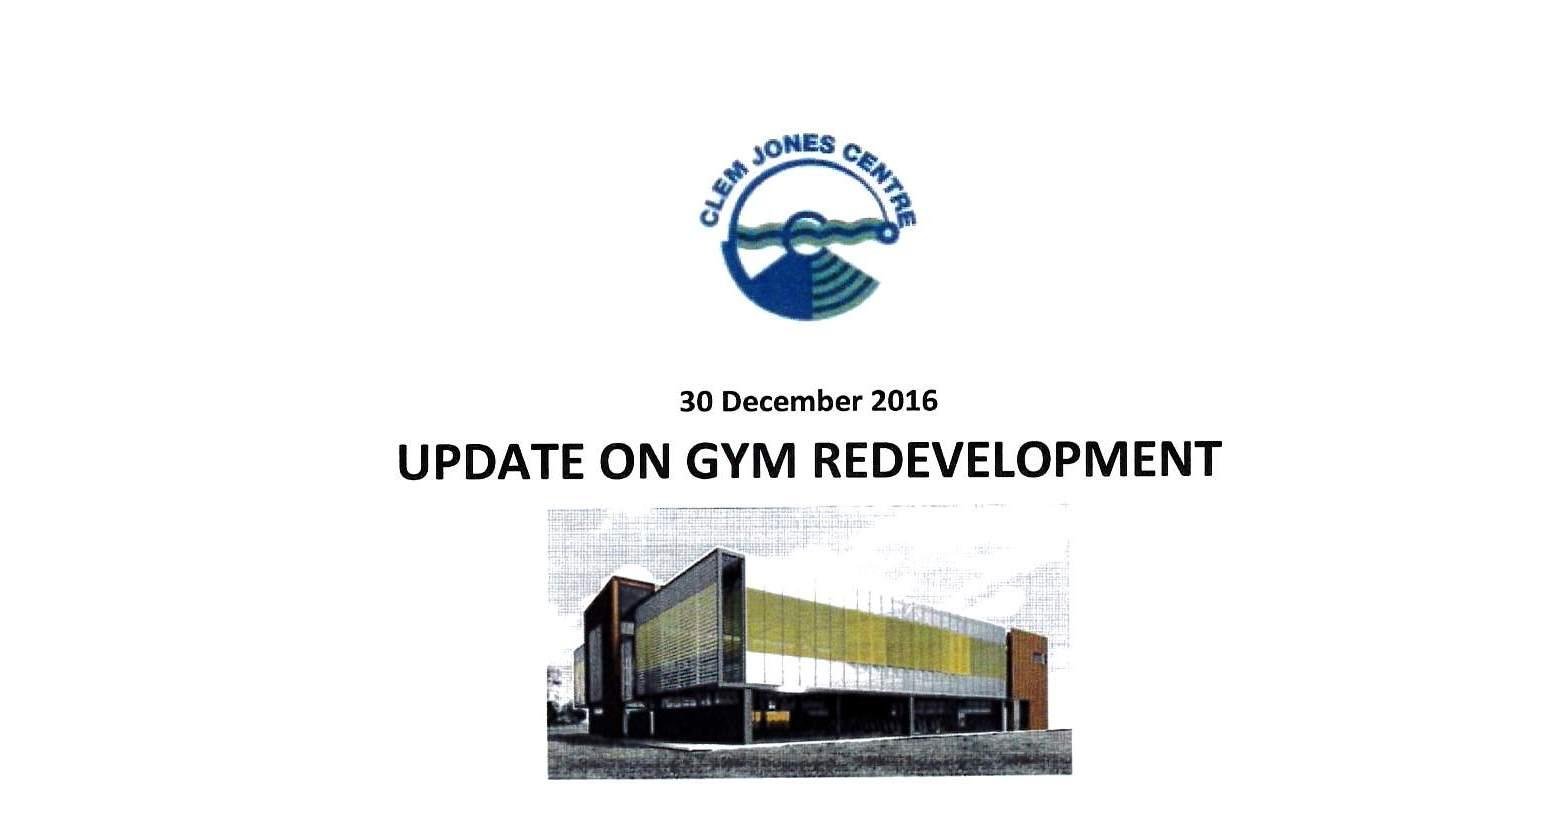 Update on Gym Redevelopment 30 December 2016